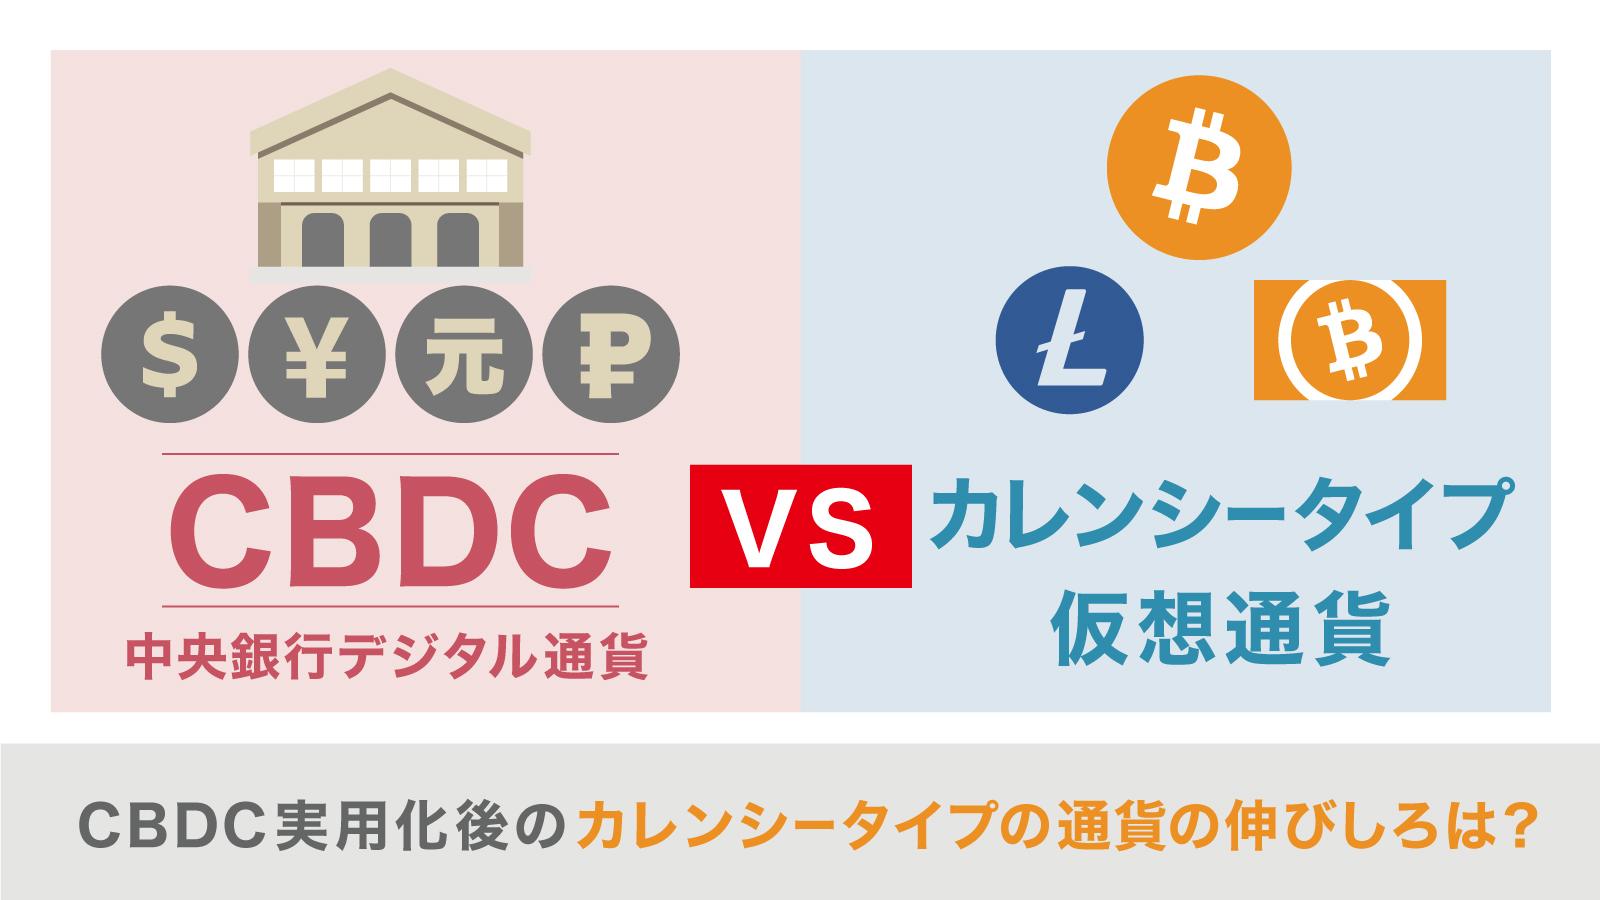 カレンシータイプ仮想通貨の未来は?